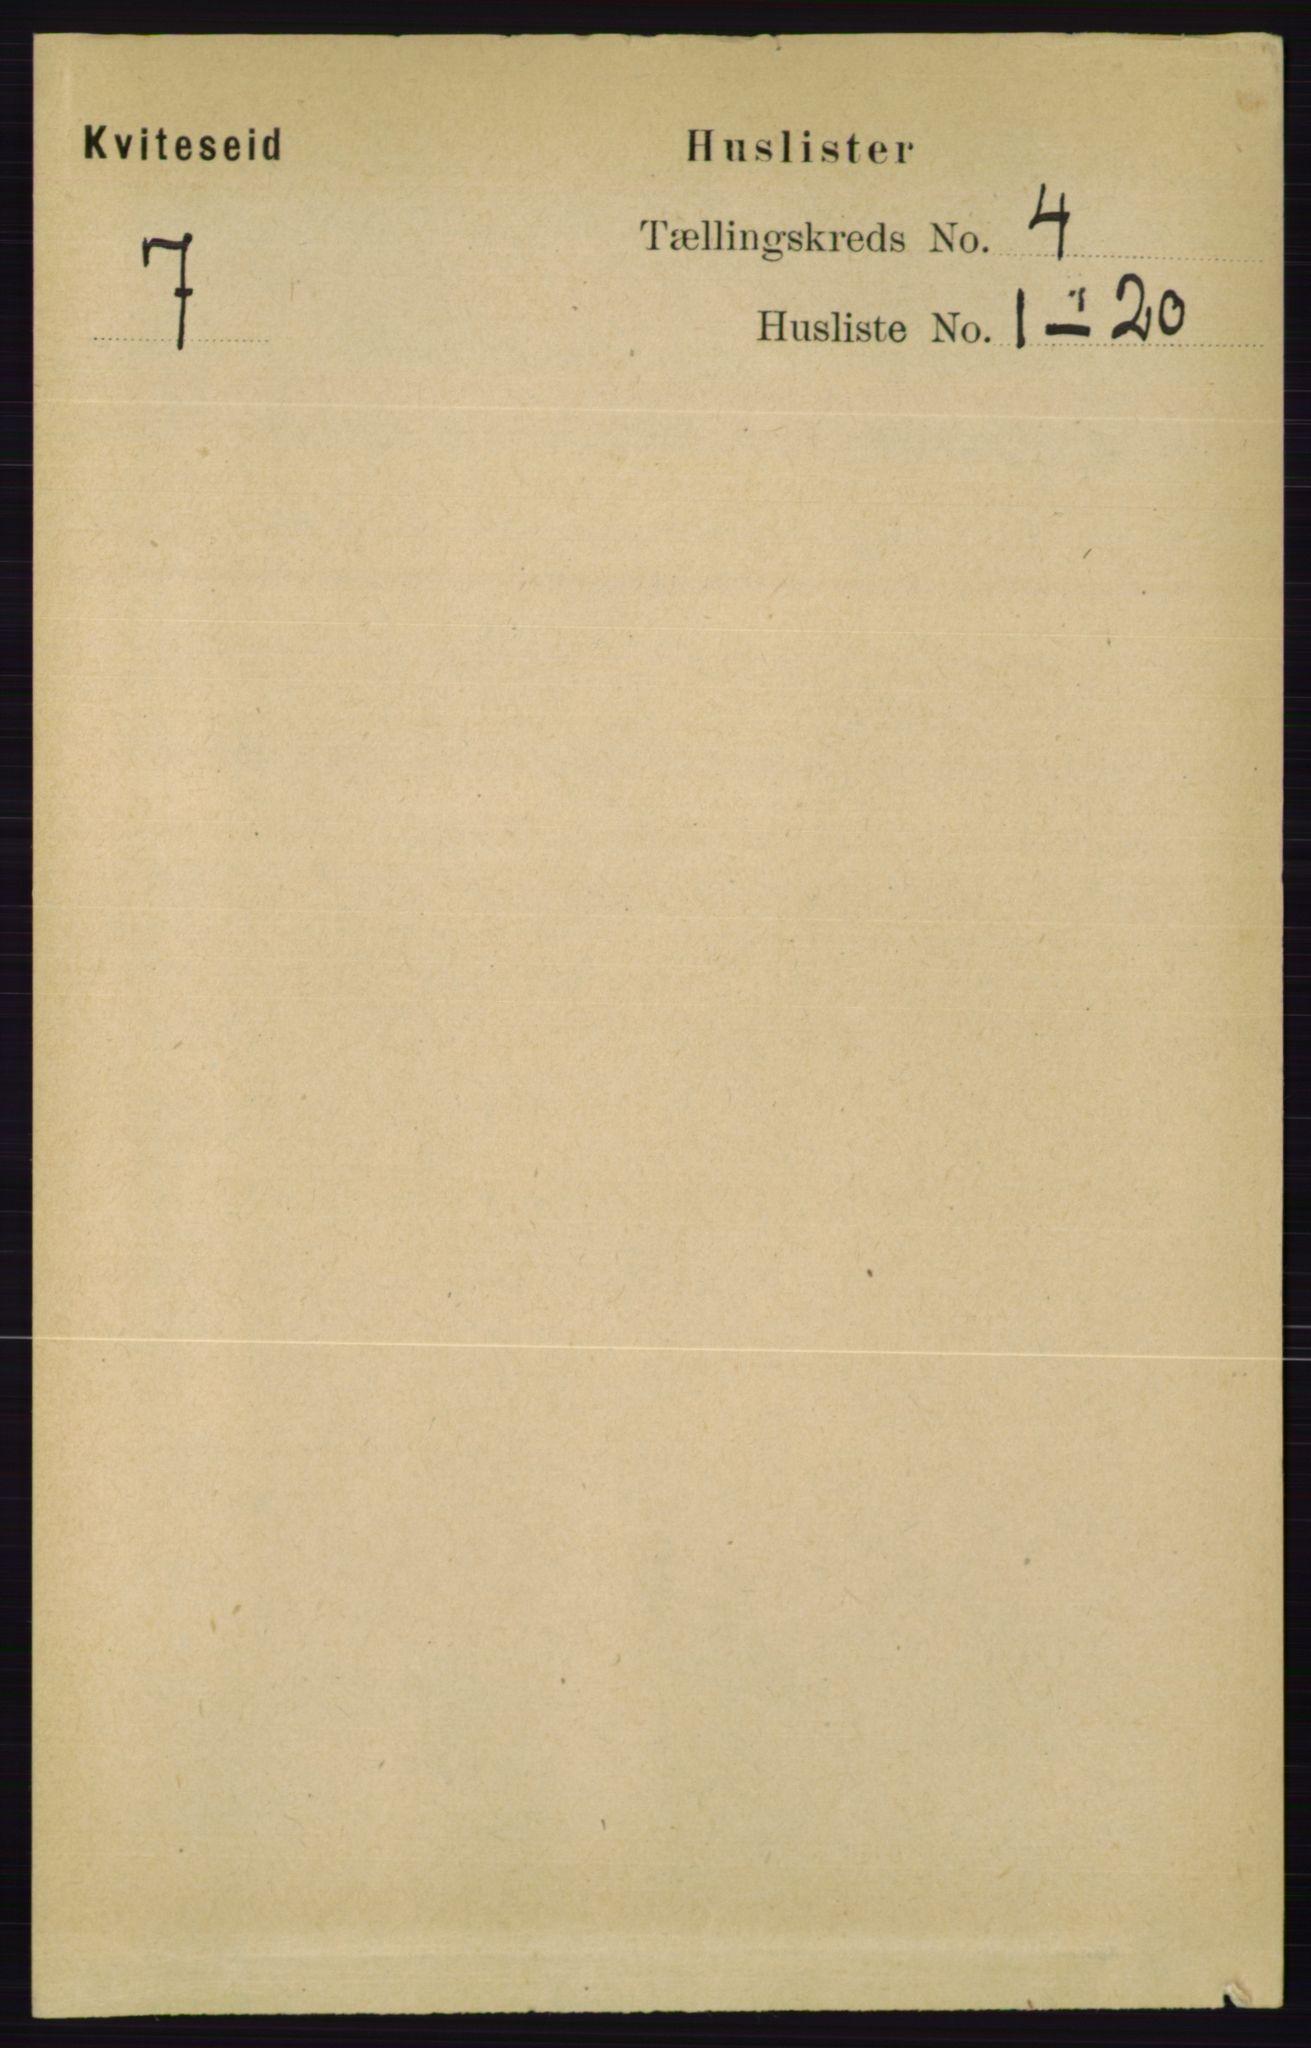 RA, Folketelling 1891 for 0829 Kviteseid herred, 1891, s. 704